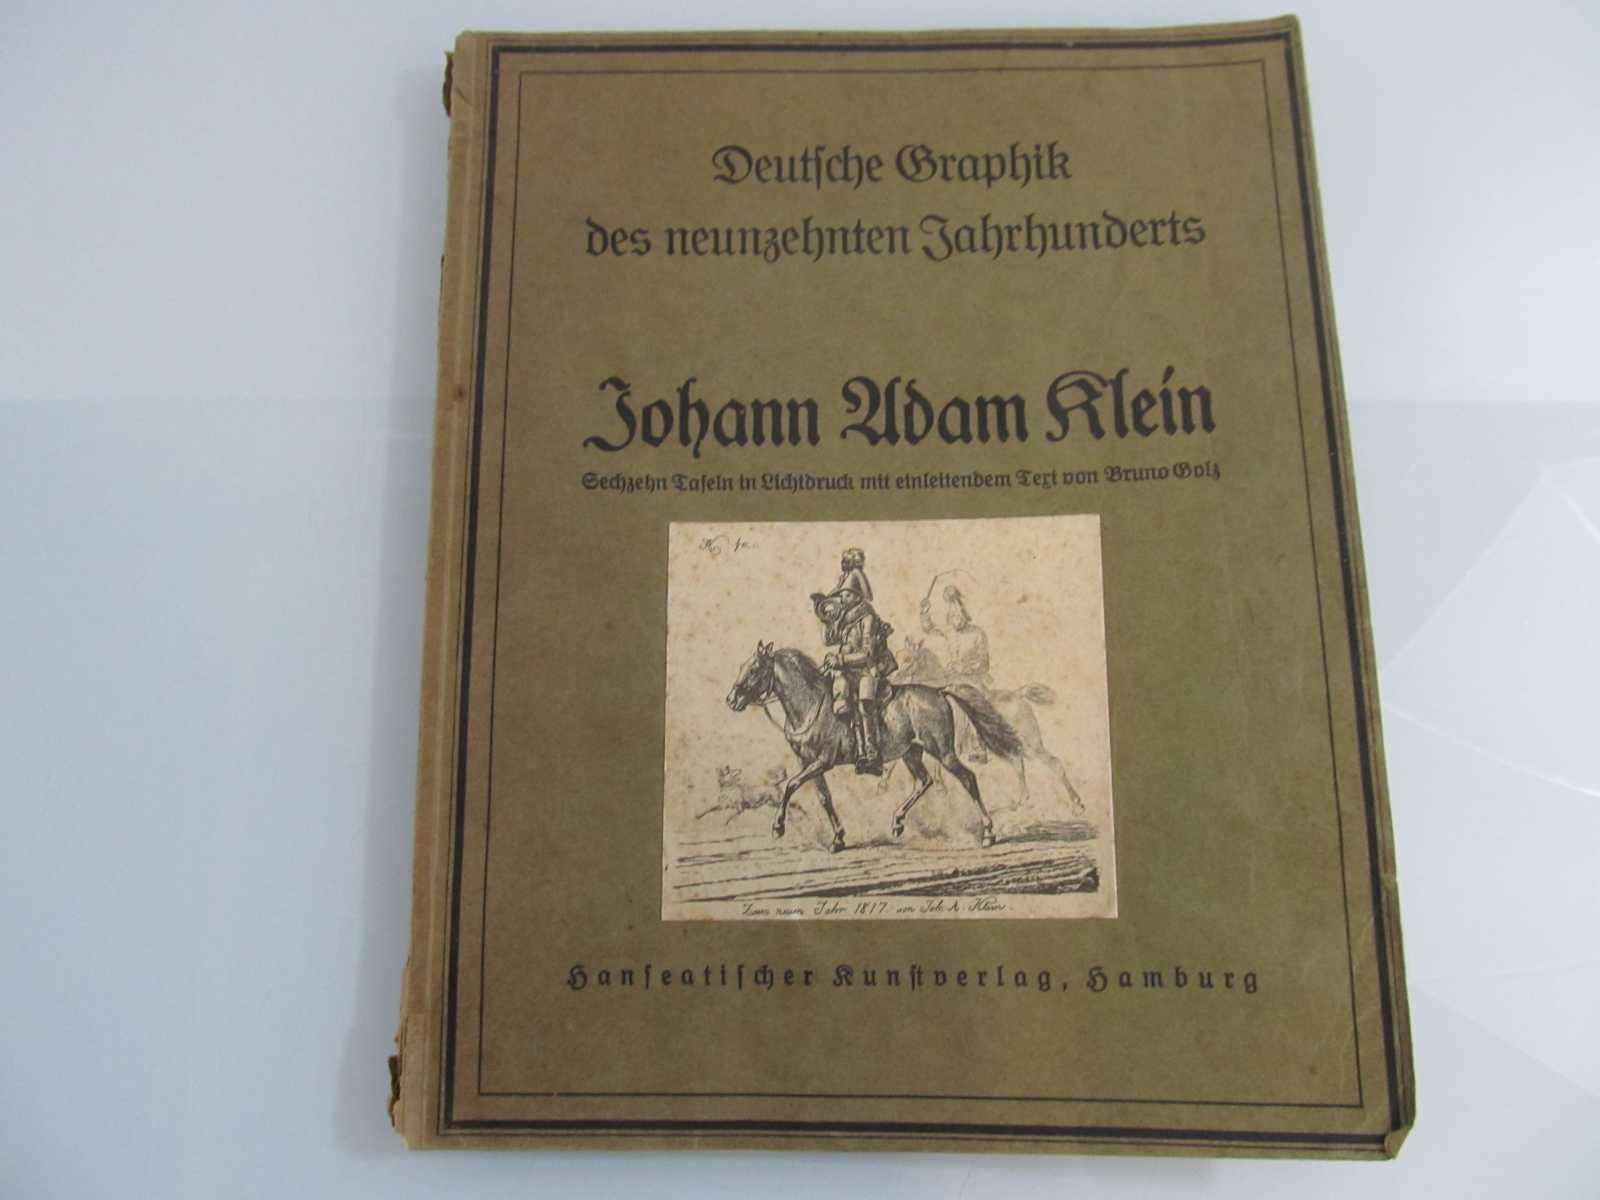 Johann Adam Klein Sechzehn Tafeln in Lichtdruck: Klein, Johann Adam: